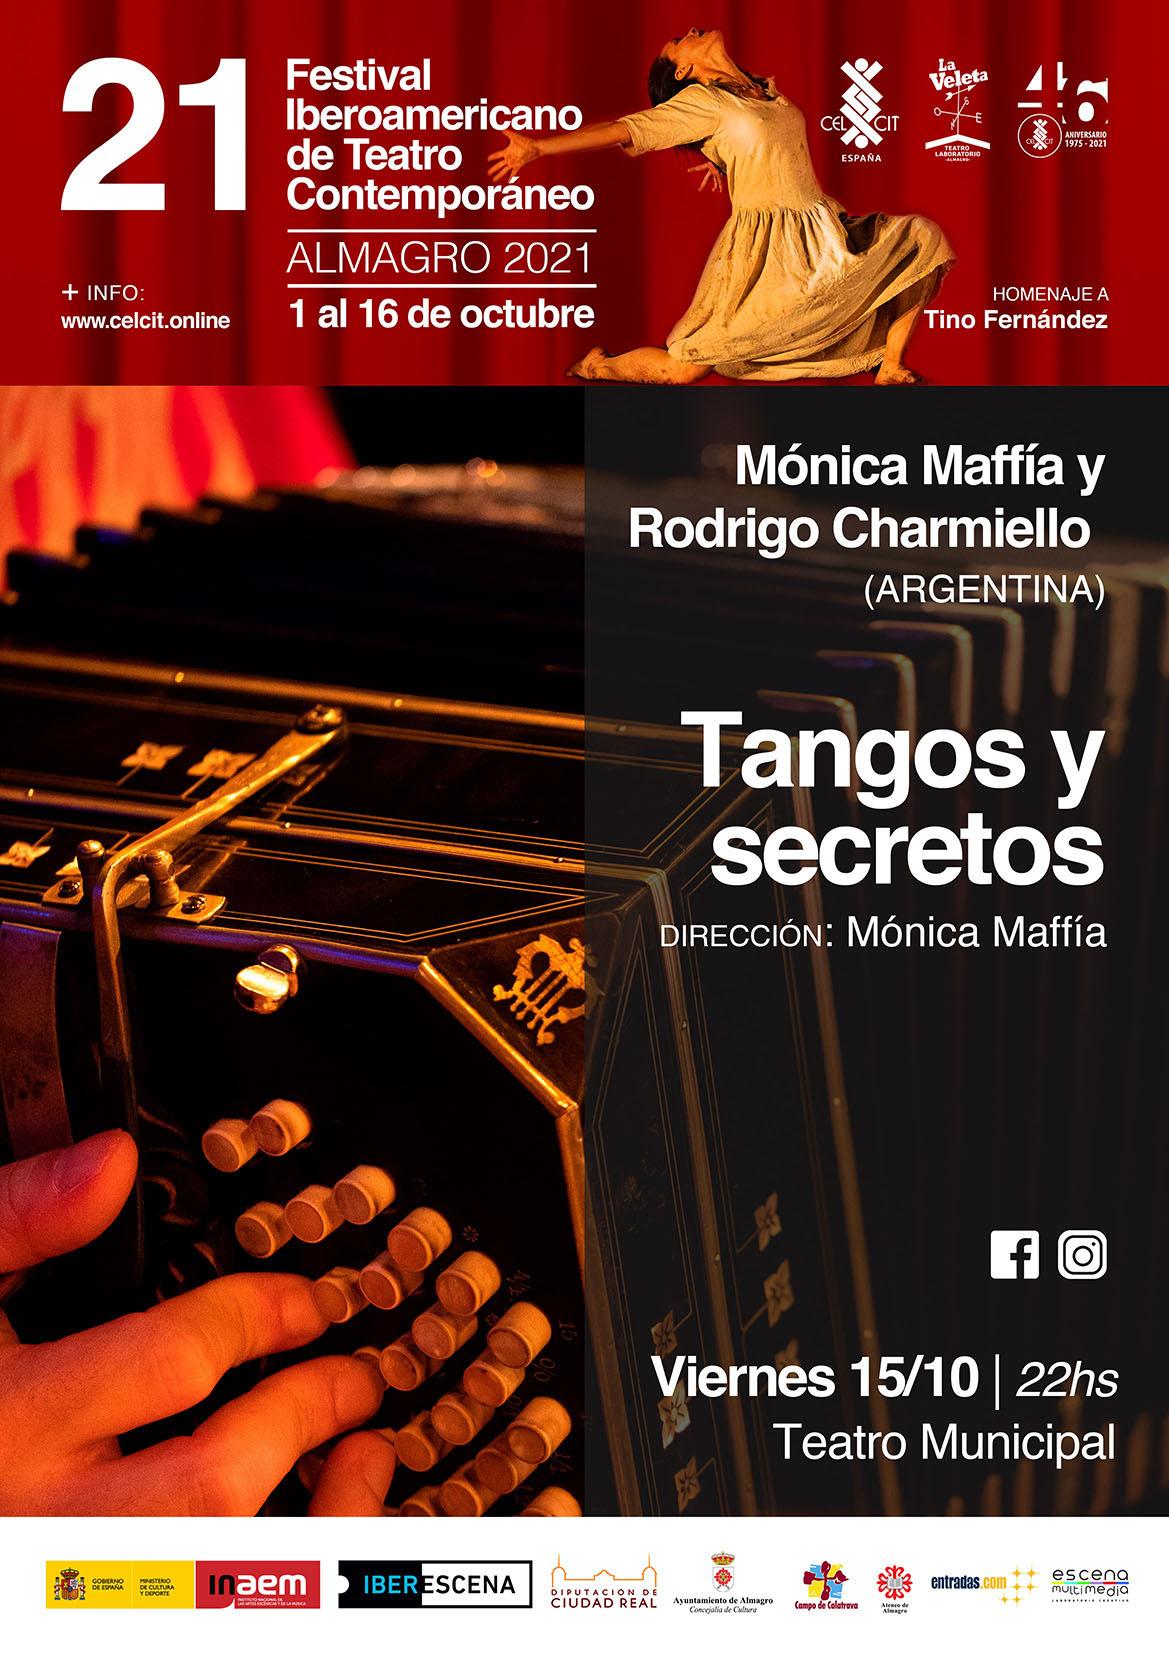 21 Festival Iberoamericano de Teatro Contemporáneo. Tangos y secretos (Argentina)